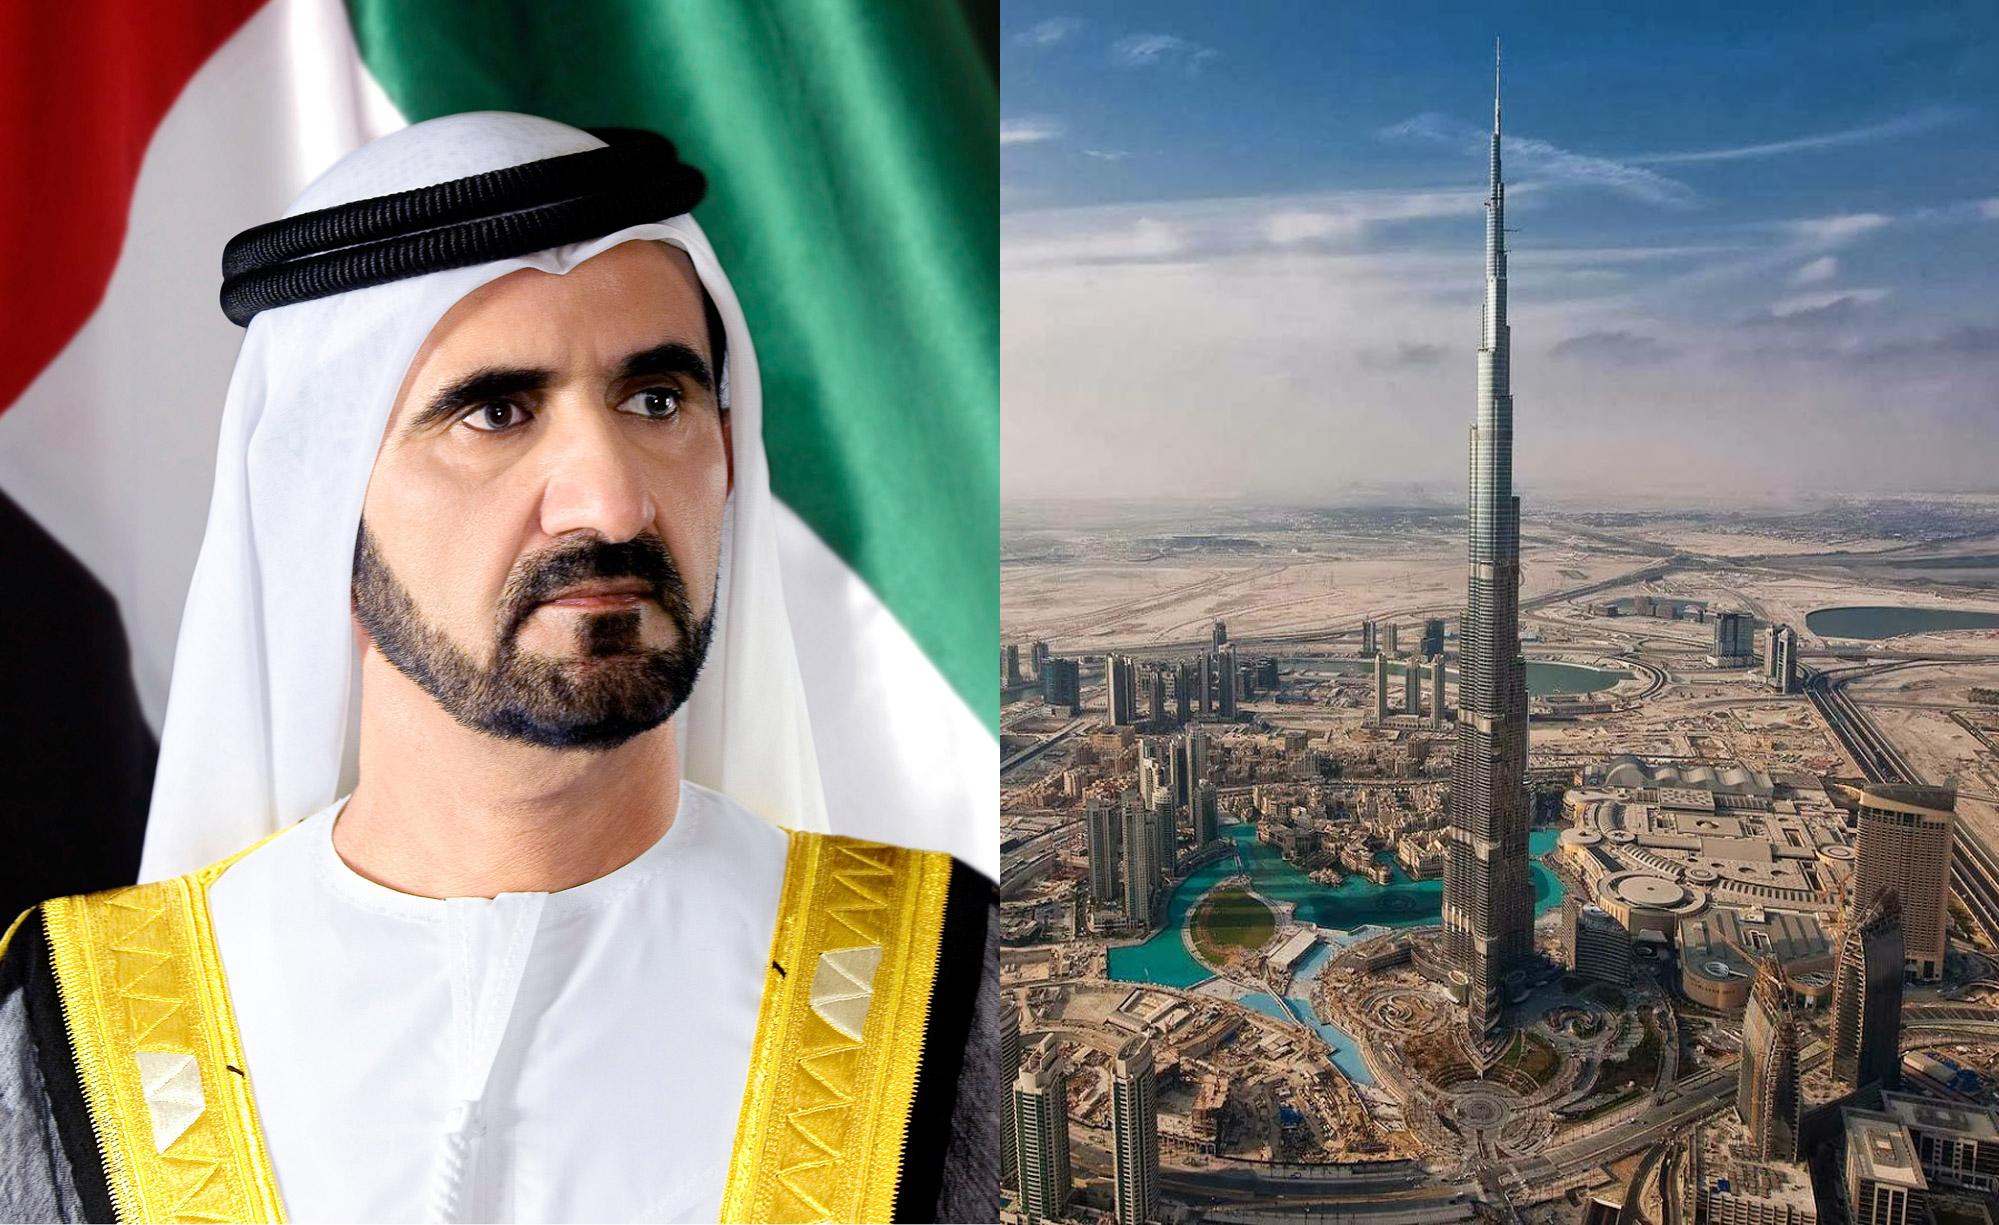 محمد بن راشد ضمن أكثر الشخصيات العالمية متابعة على «تويتر»